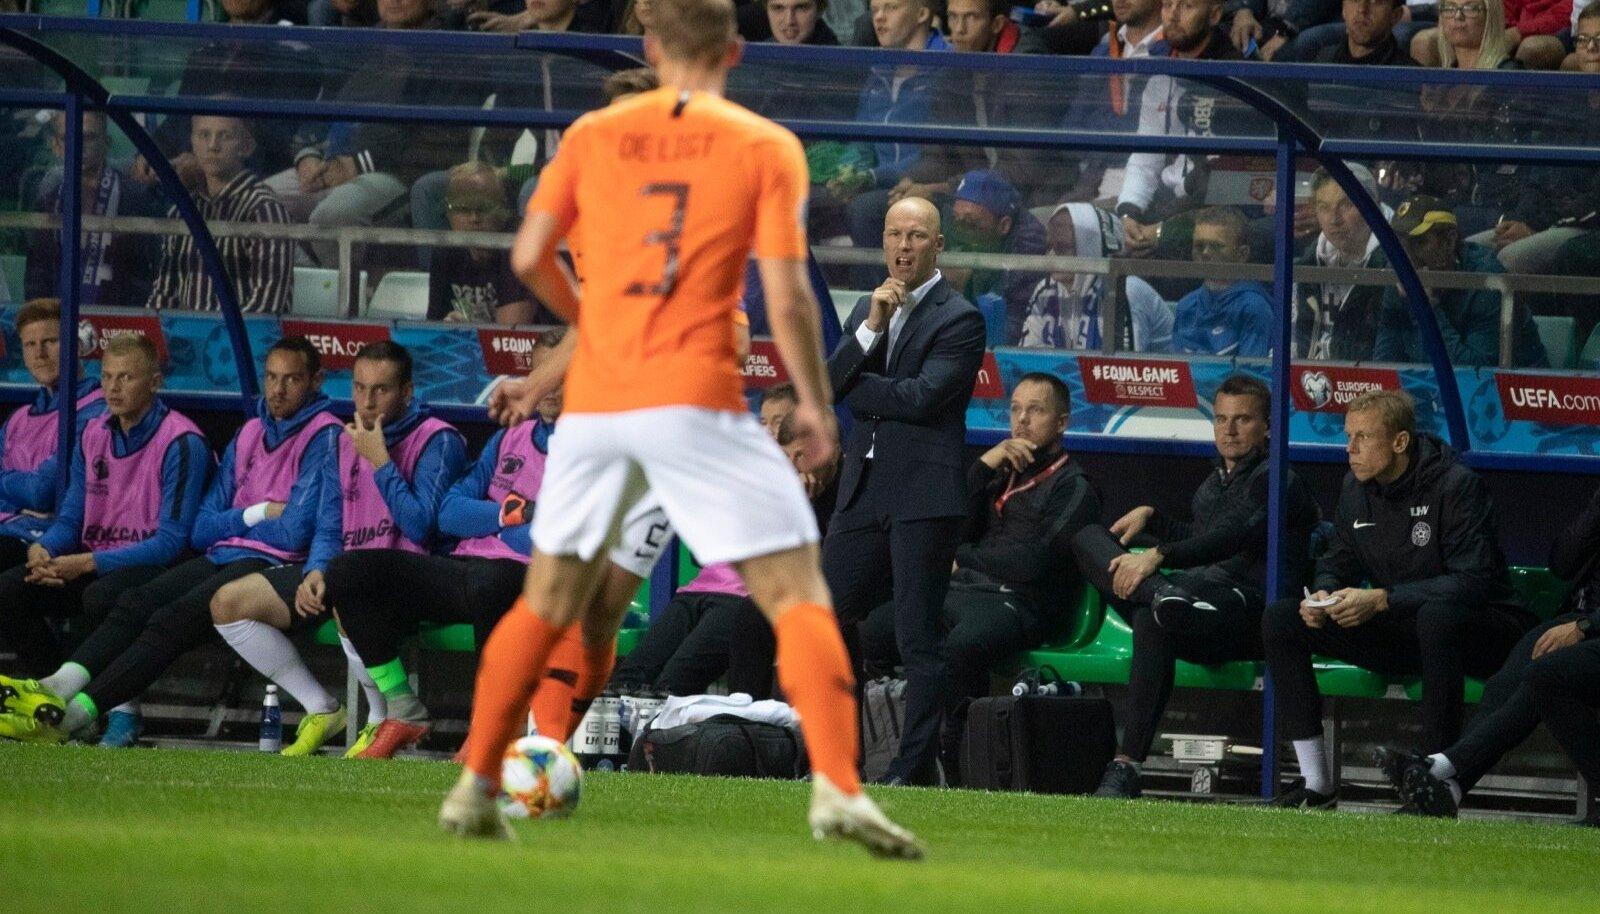 Karel Voolaidi ajastu koondise peatreenerina on alanud kahe nukra kaotusega. Sellest hoolimata oli Lilleküla staadionil olemas fännide valjuhäälne tugi, mida nii treener kui ka mängijad hiljem kiitsid.